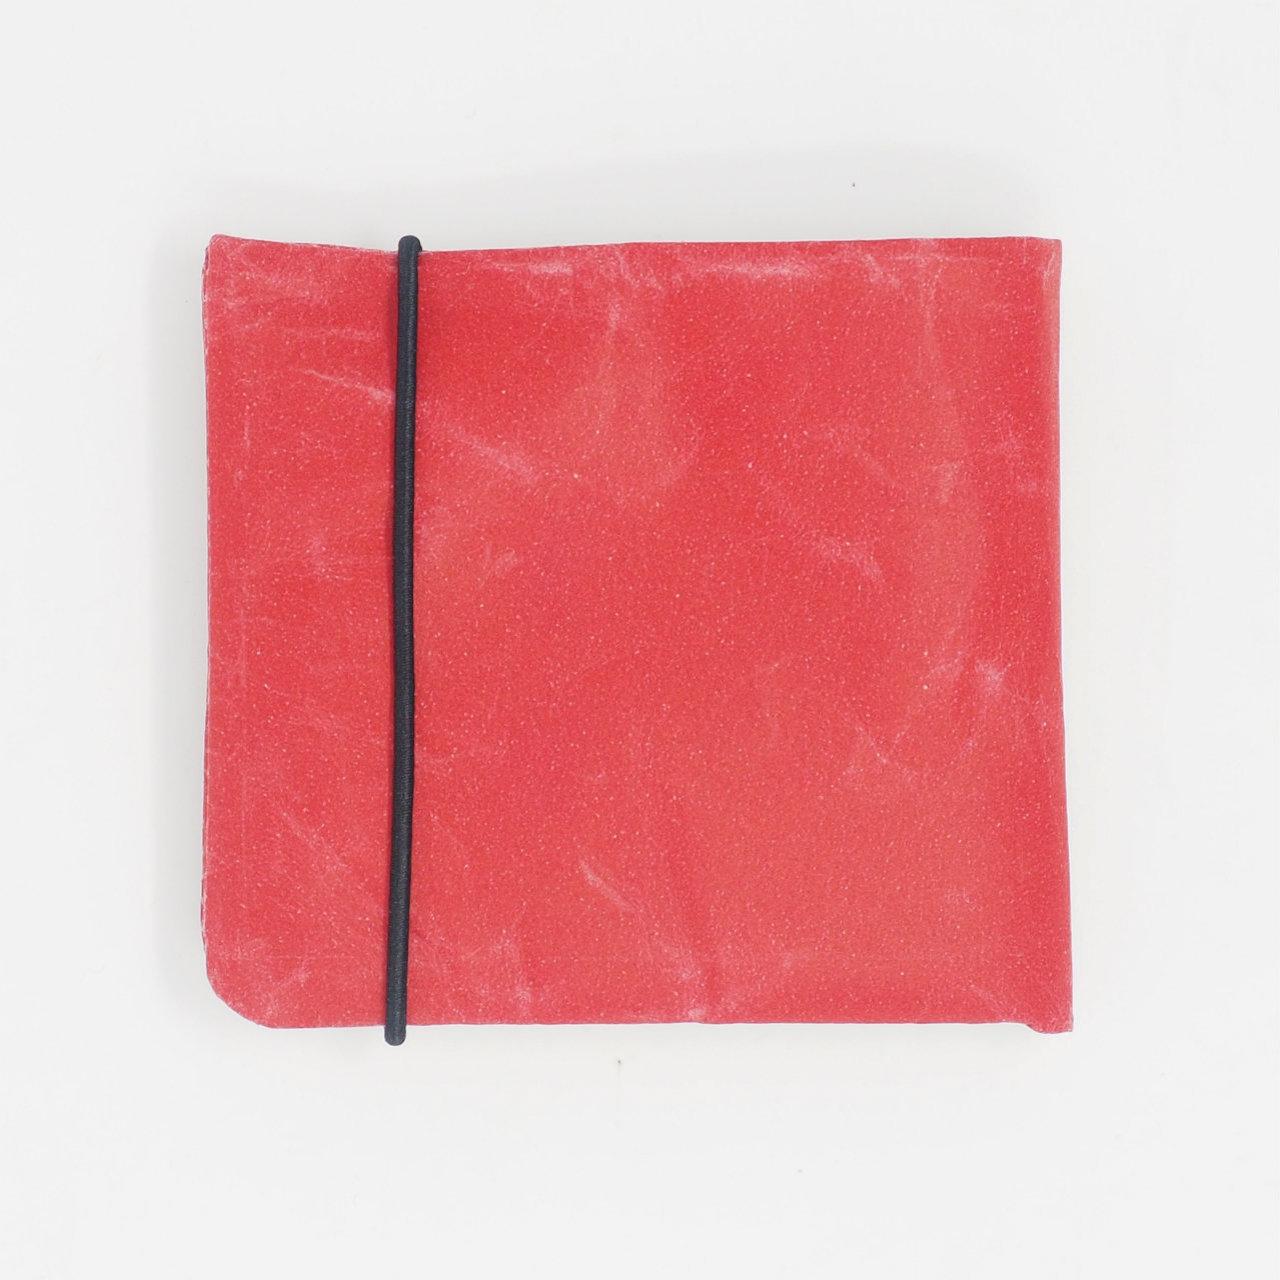 サムネイル:2つ折り財布 レッド